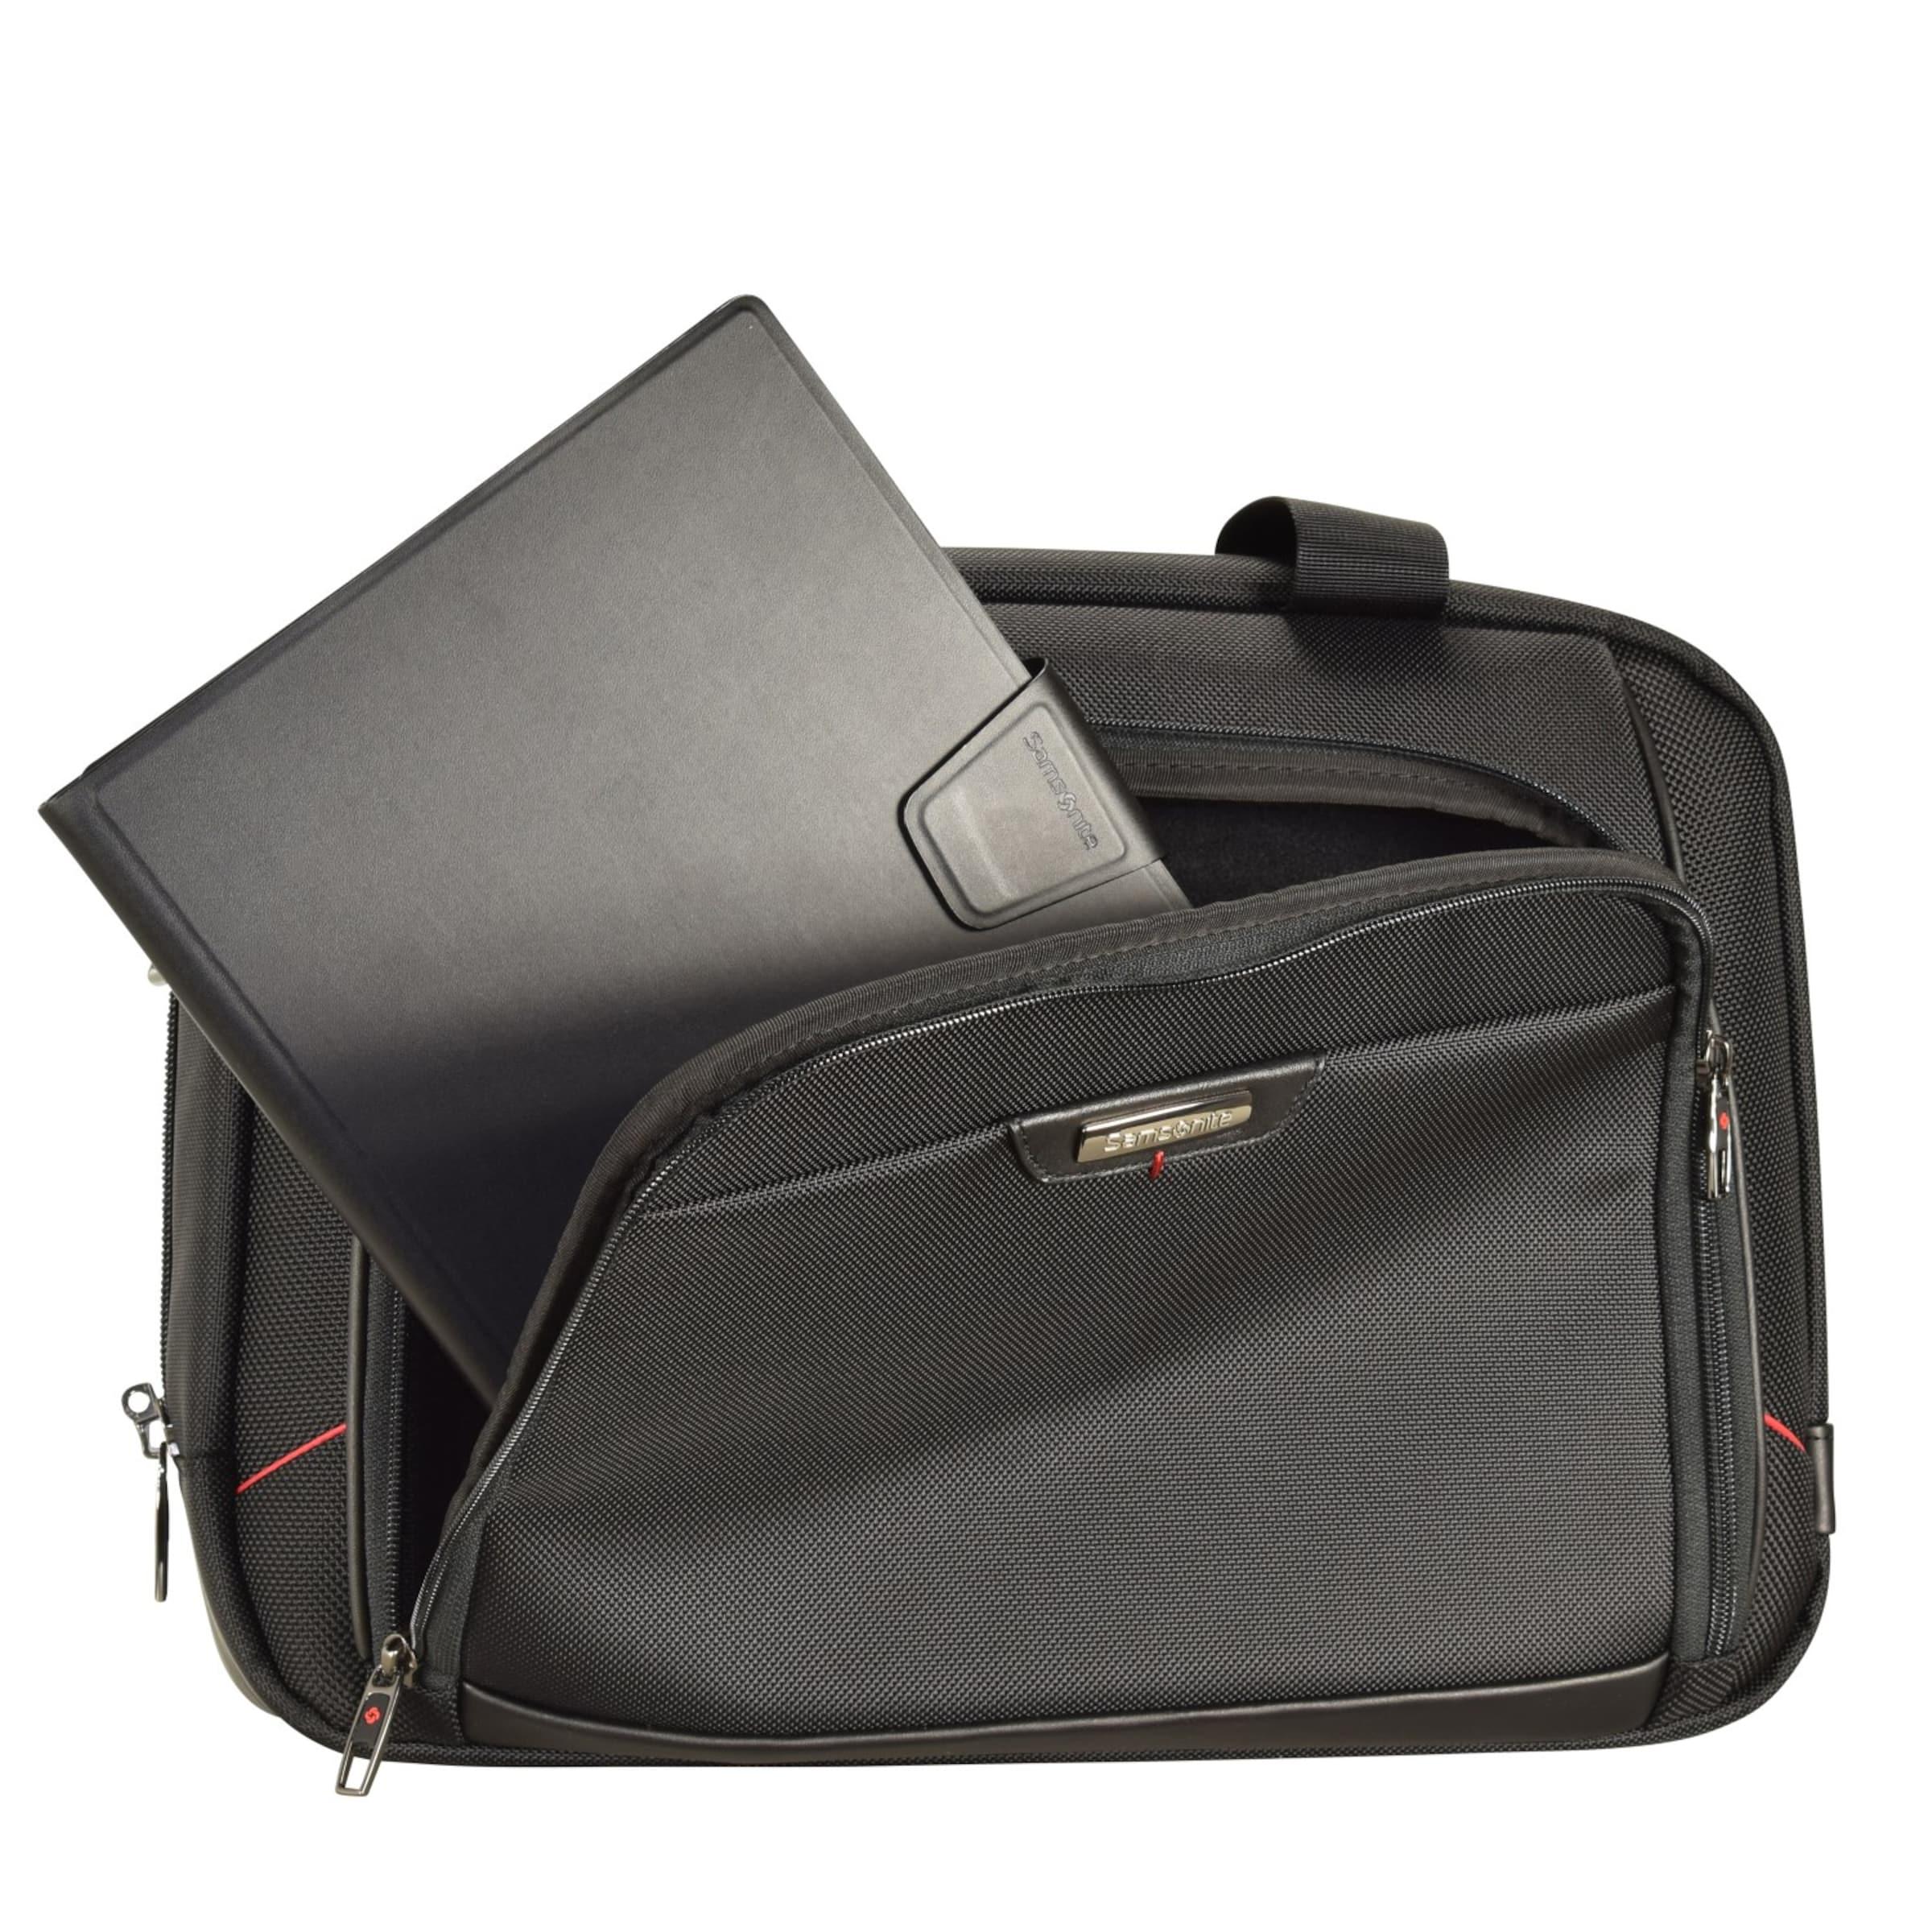 SAMSONITE Pro-DLX 4 Business Aktentasche 40 cm Laptopfach Marktfähig Zu Verkaufen Super Angebote Spielraum Mit Kreditkarte Günstig Kaufen Wahl Verkauf 100% Garantiert 0d4LWZ